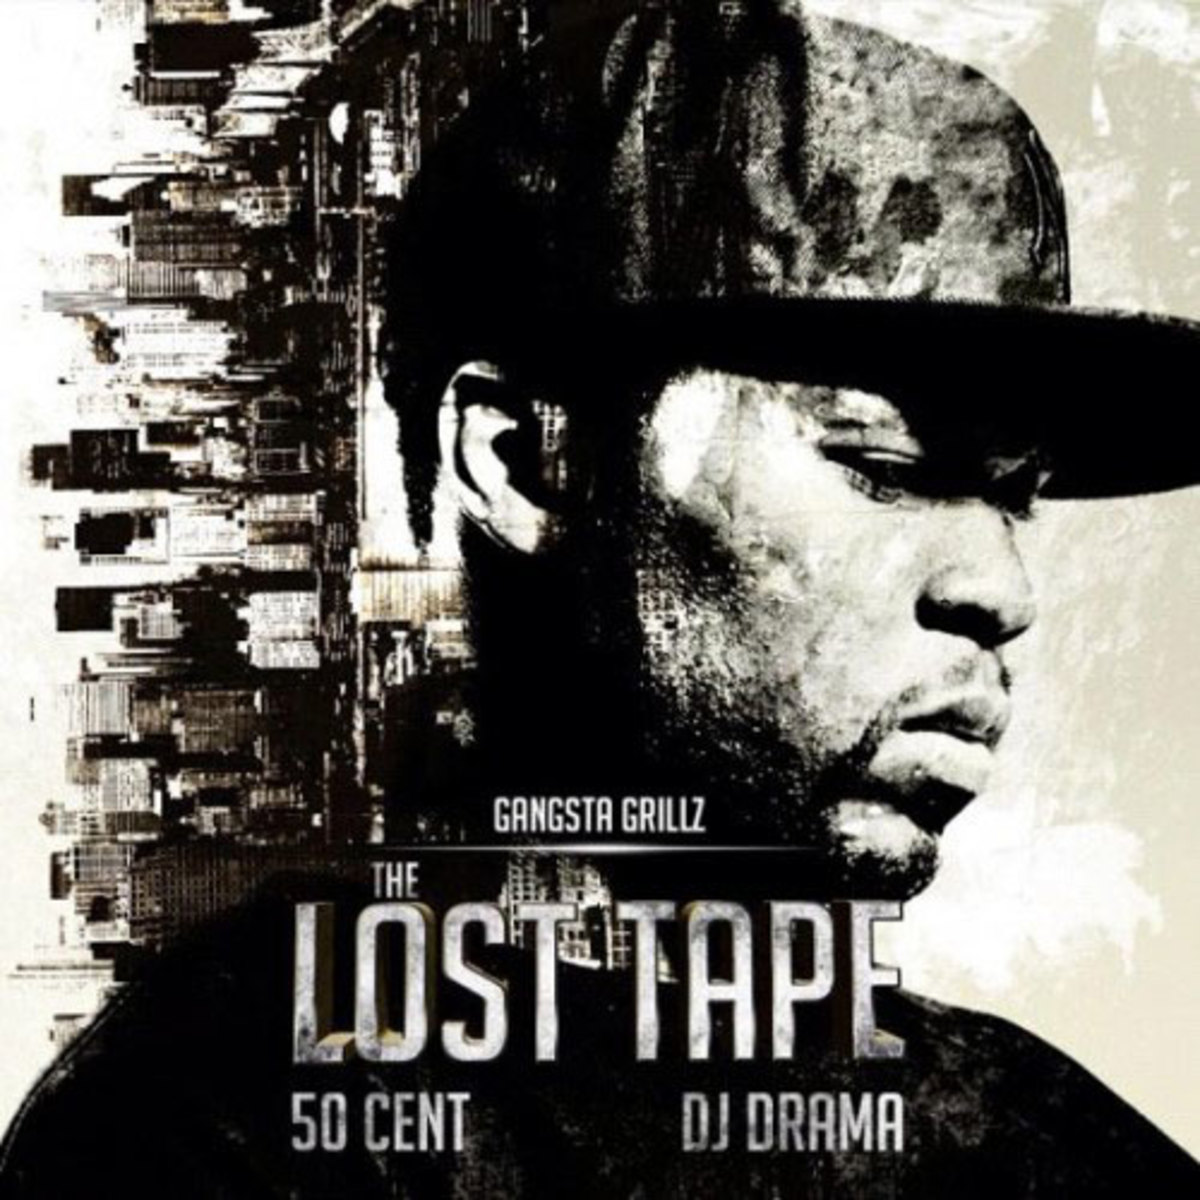 50cent-thelosttape.jpg